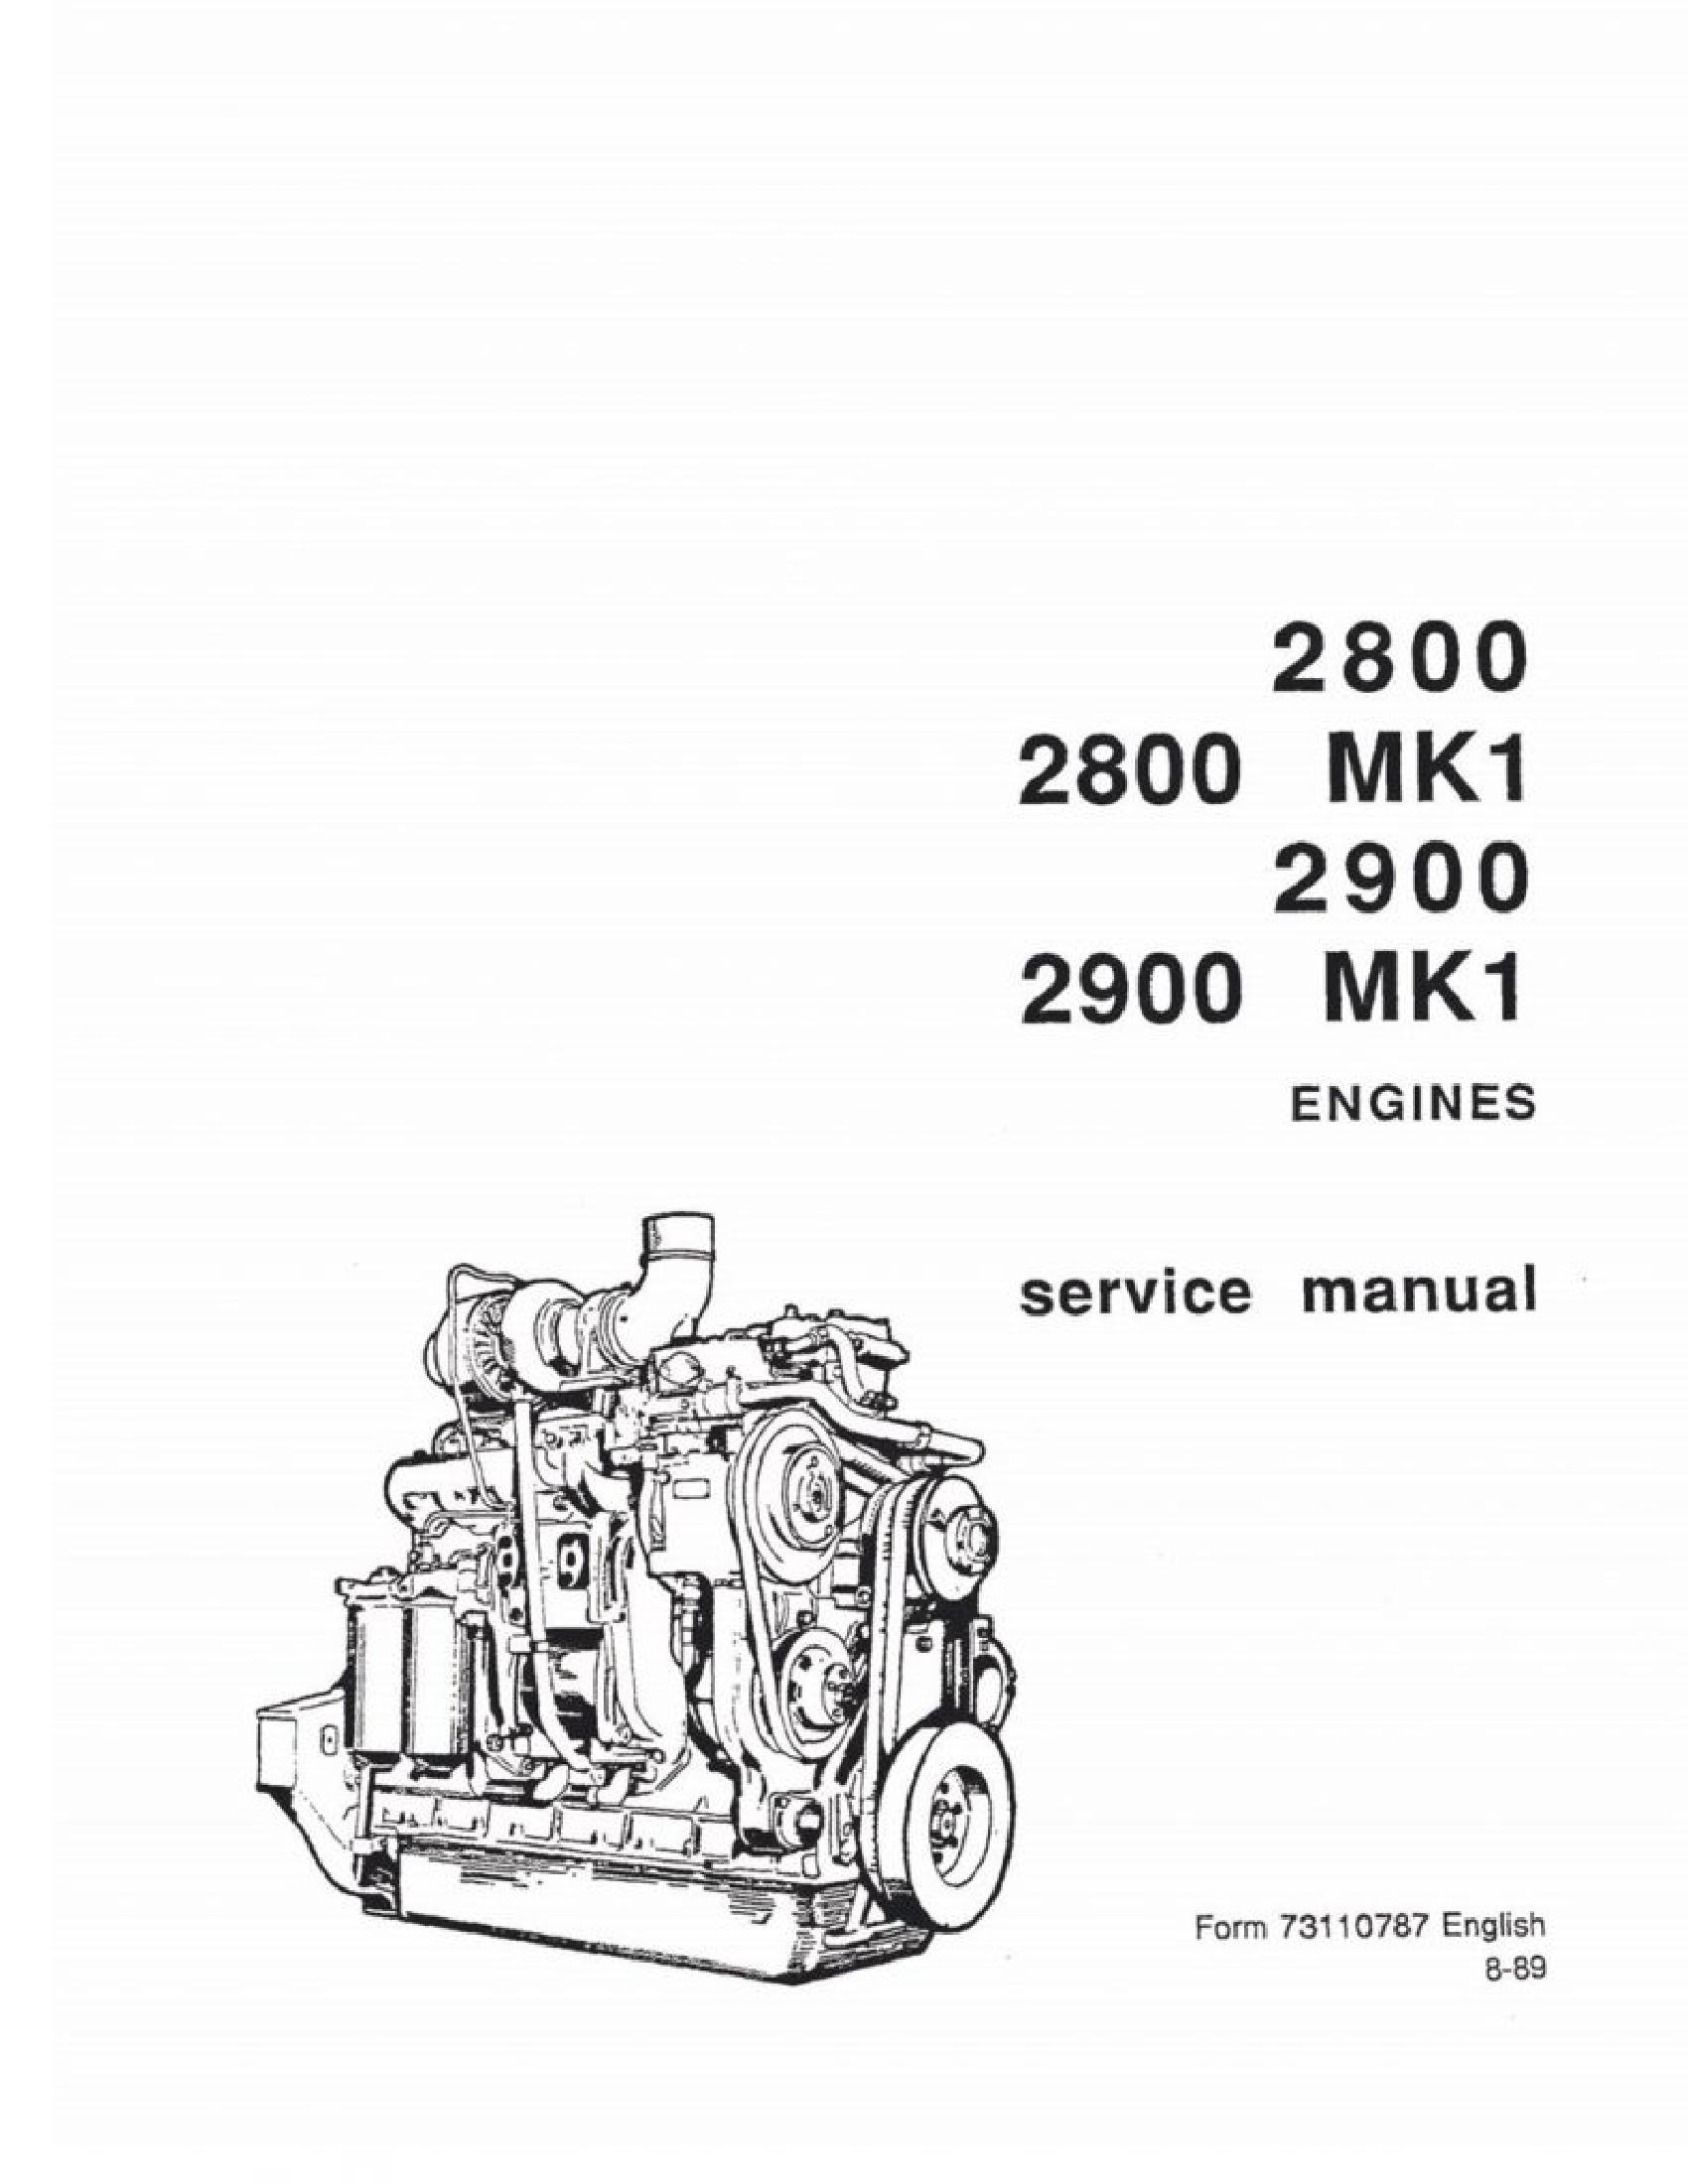 Fiat-Allis 2800 Engines manual